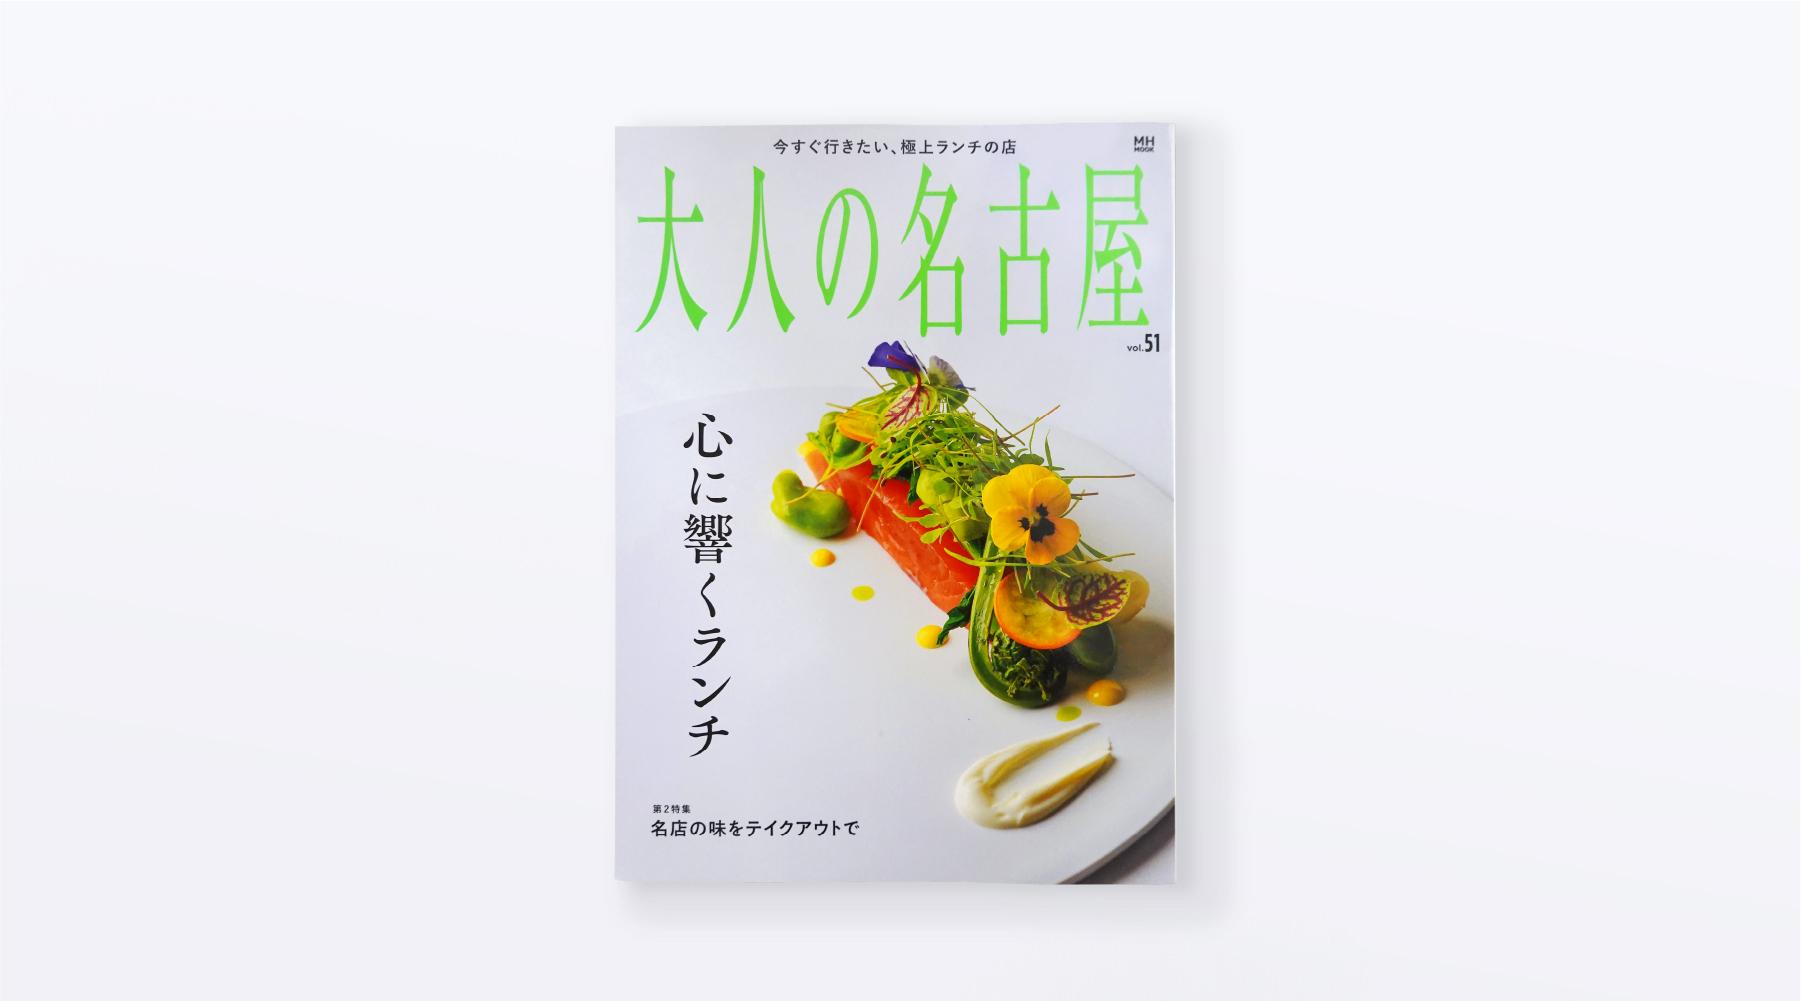 『大人の名古屋 vol.51』に掲載されました。